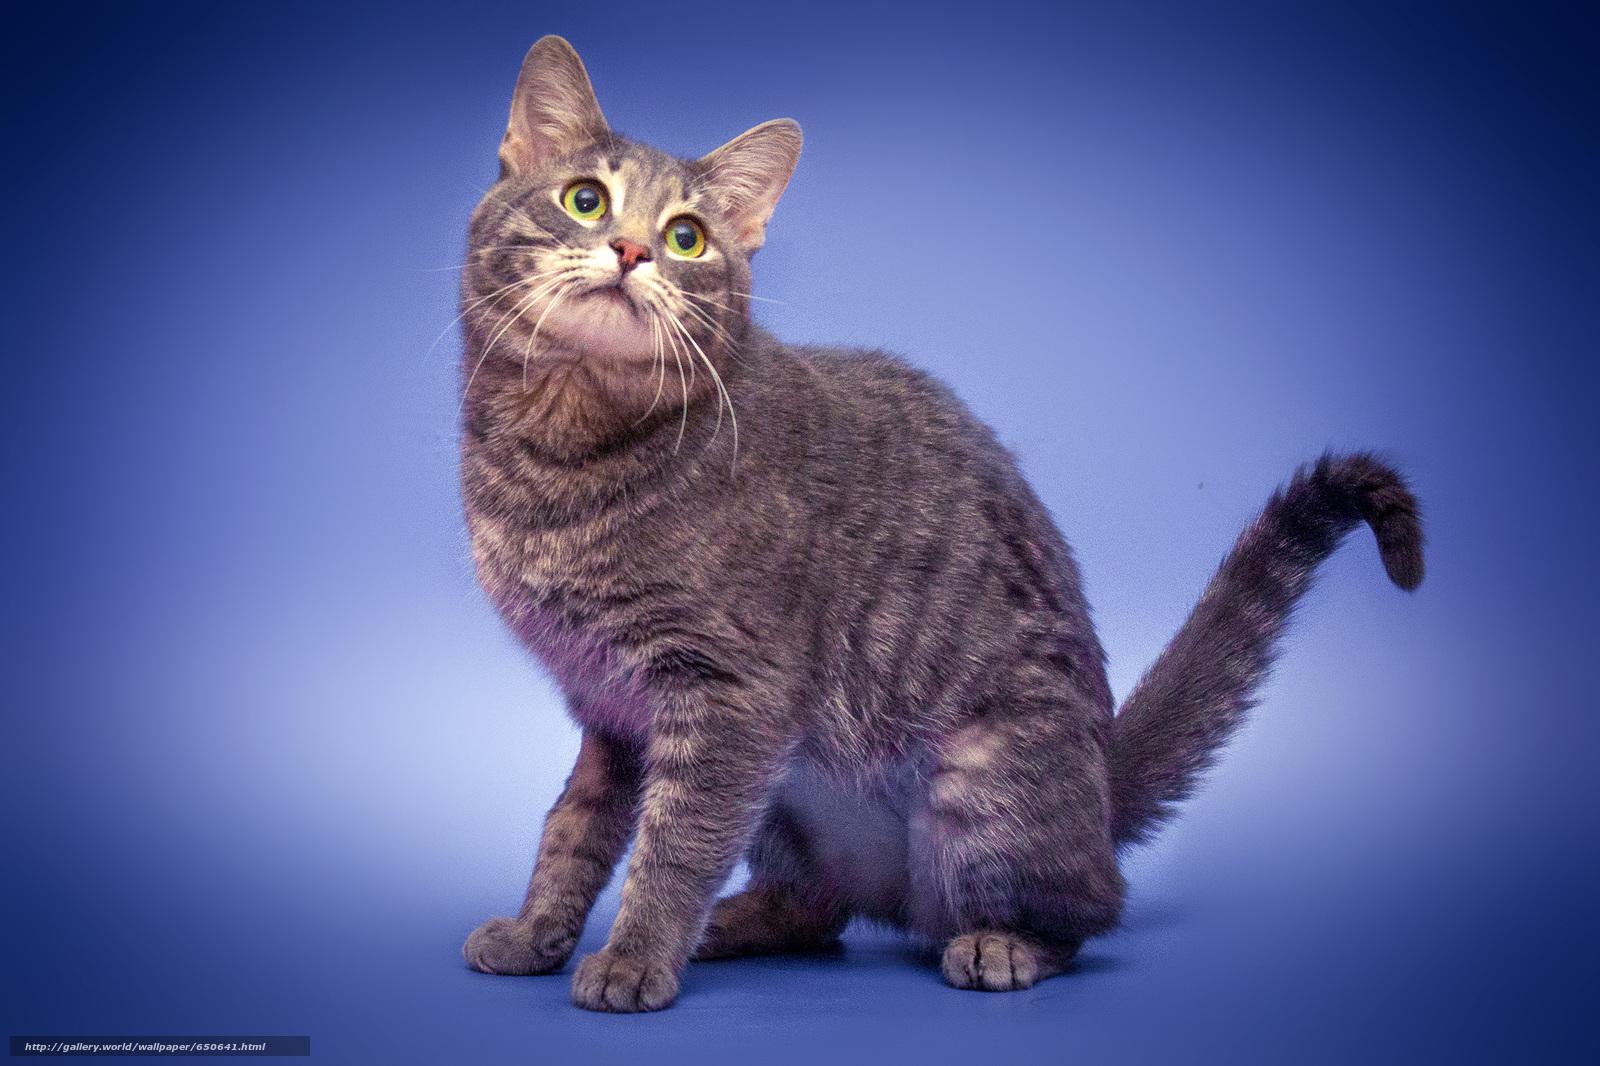 scaricare gli sfondi COTE,  gatto,  gatto,  gattino Sfondi gratis per la risoluzione del desktop 2500x1666 — immagine №650641